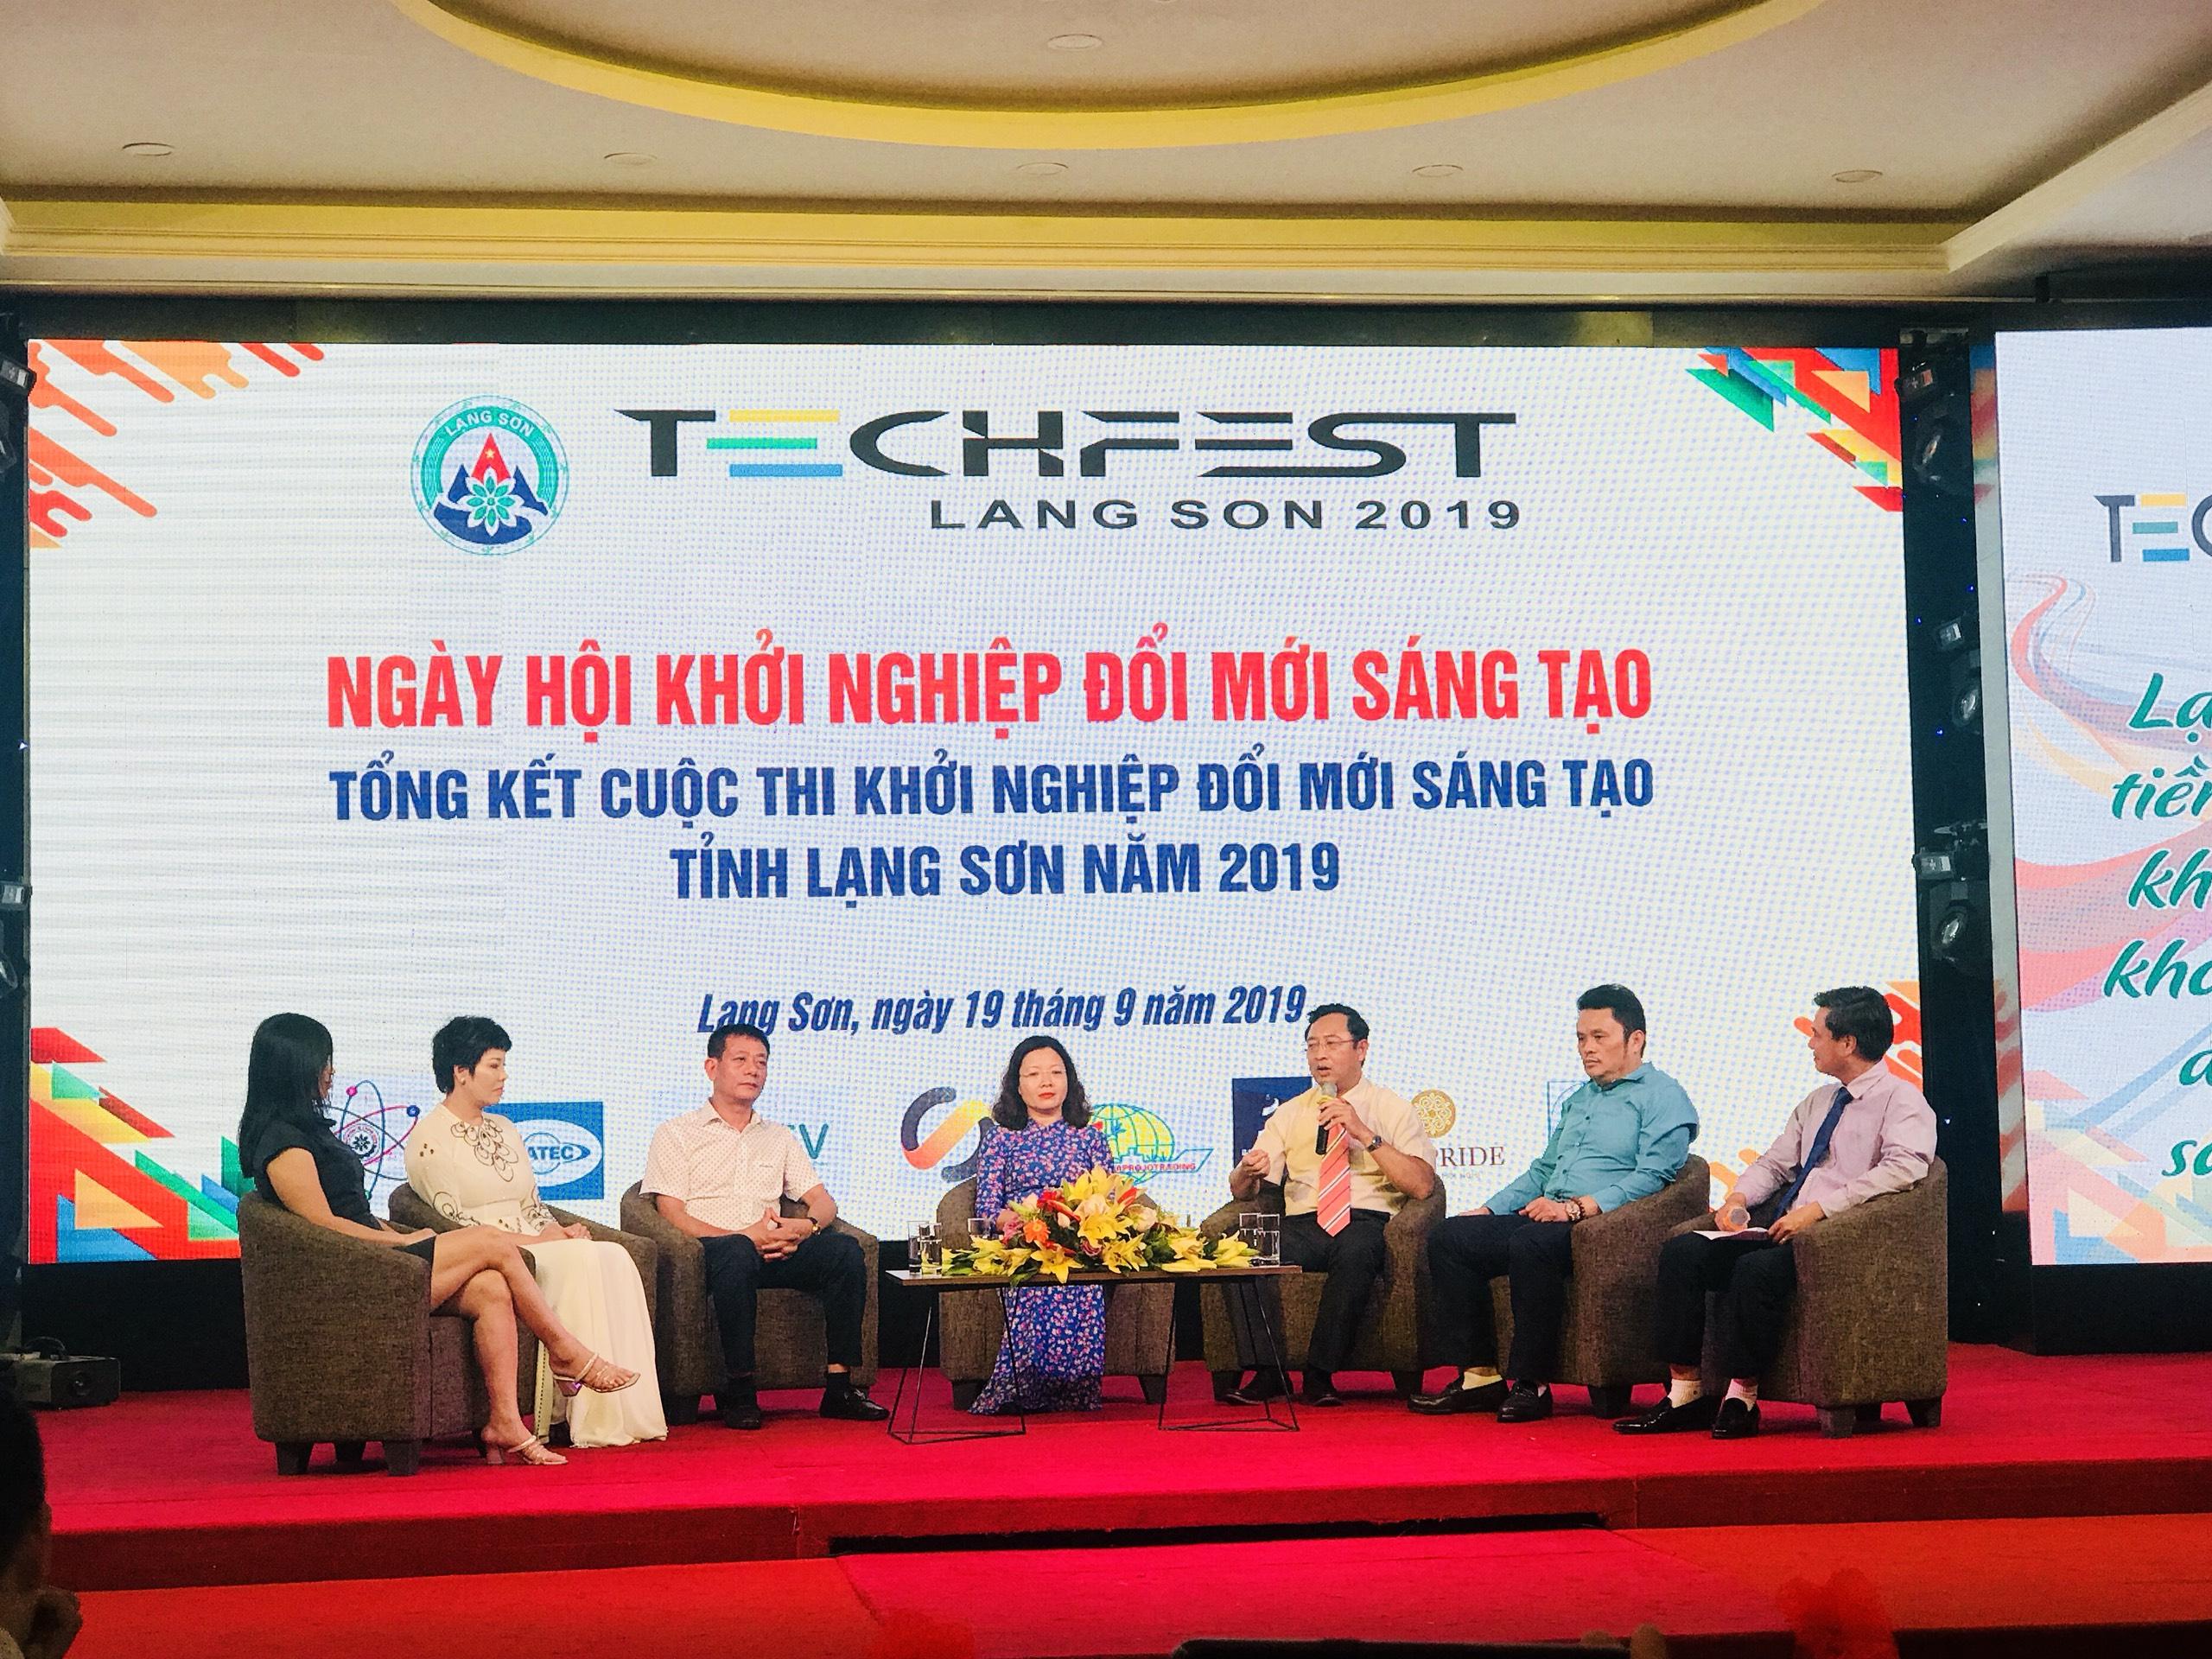 Đại diện Bộ Khoa học và Công nghệ và đại diện tỉnh Lạng Sơn trong Techfest Lạng Sơn 2019 | Ảnh: BTC